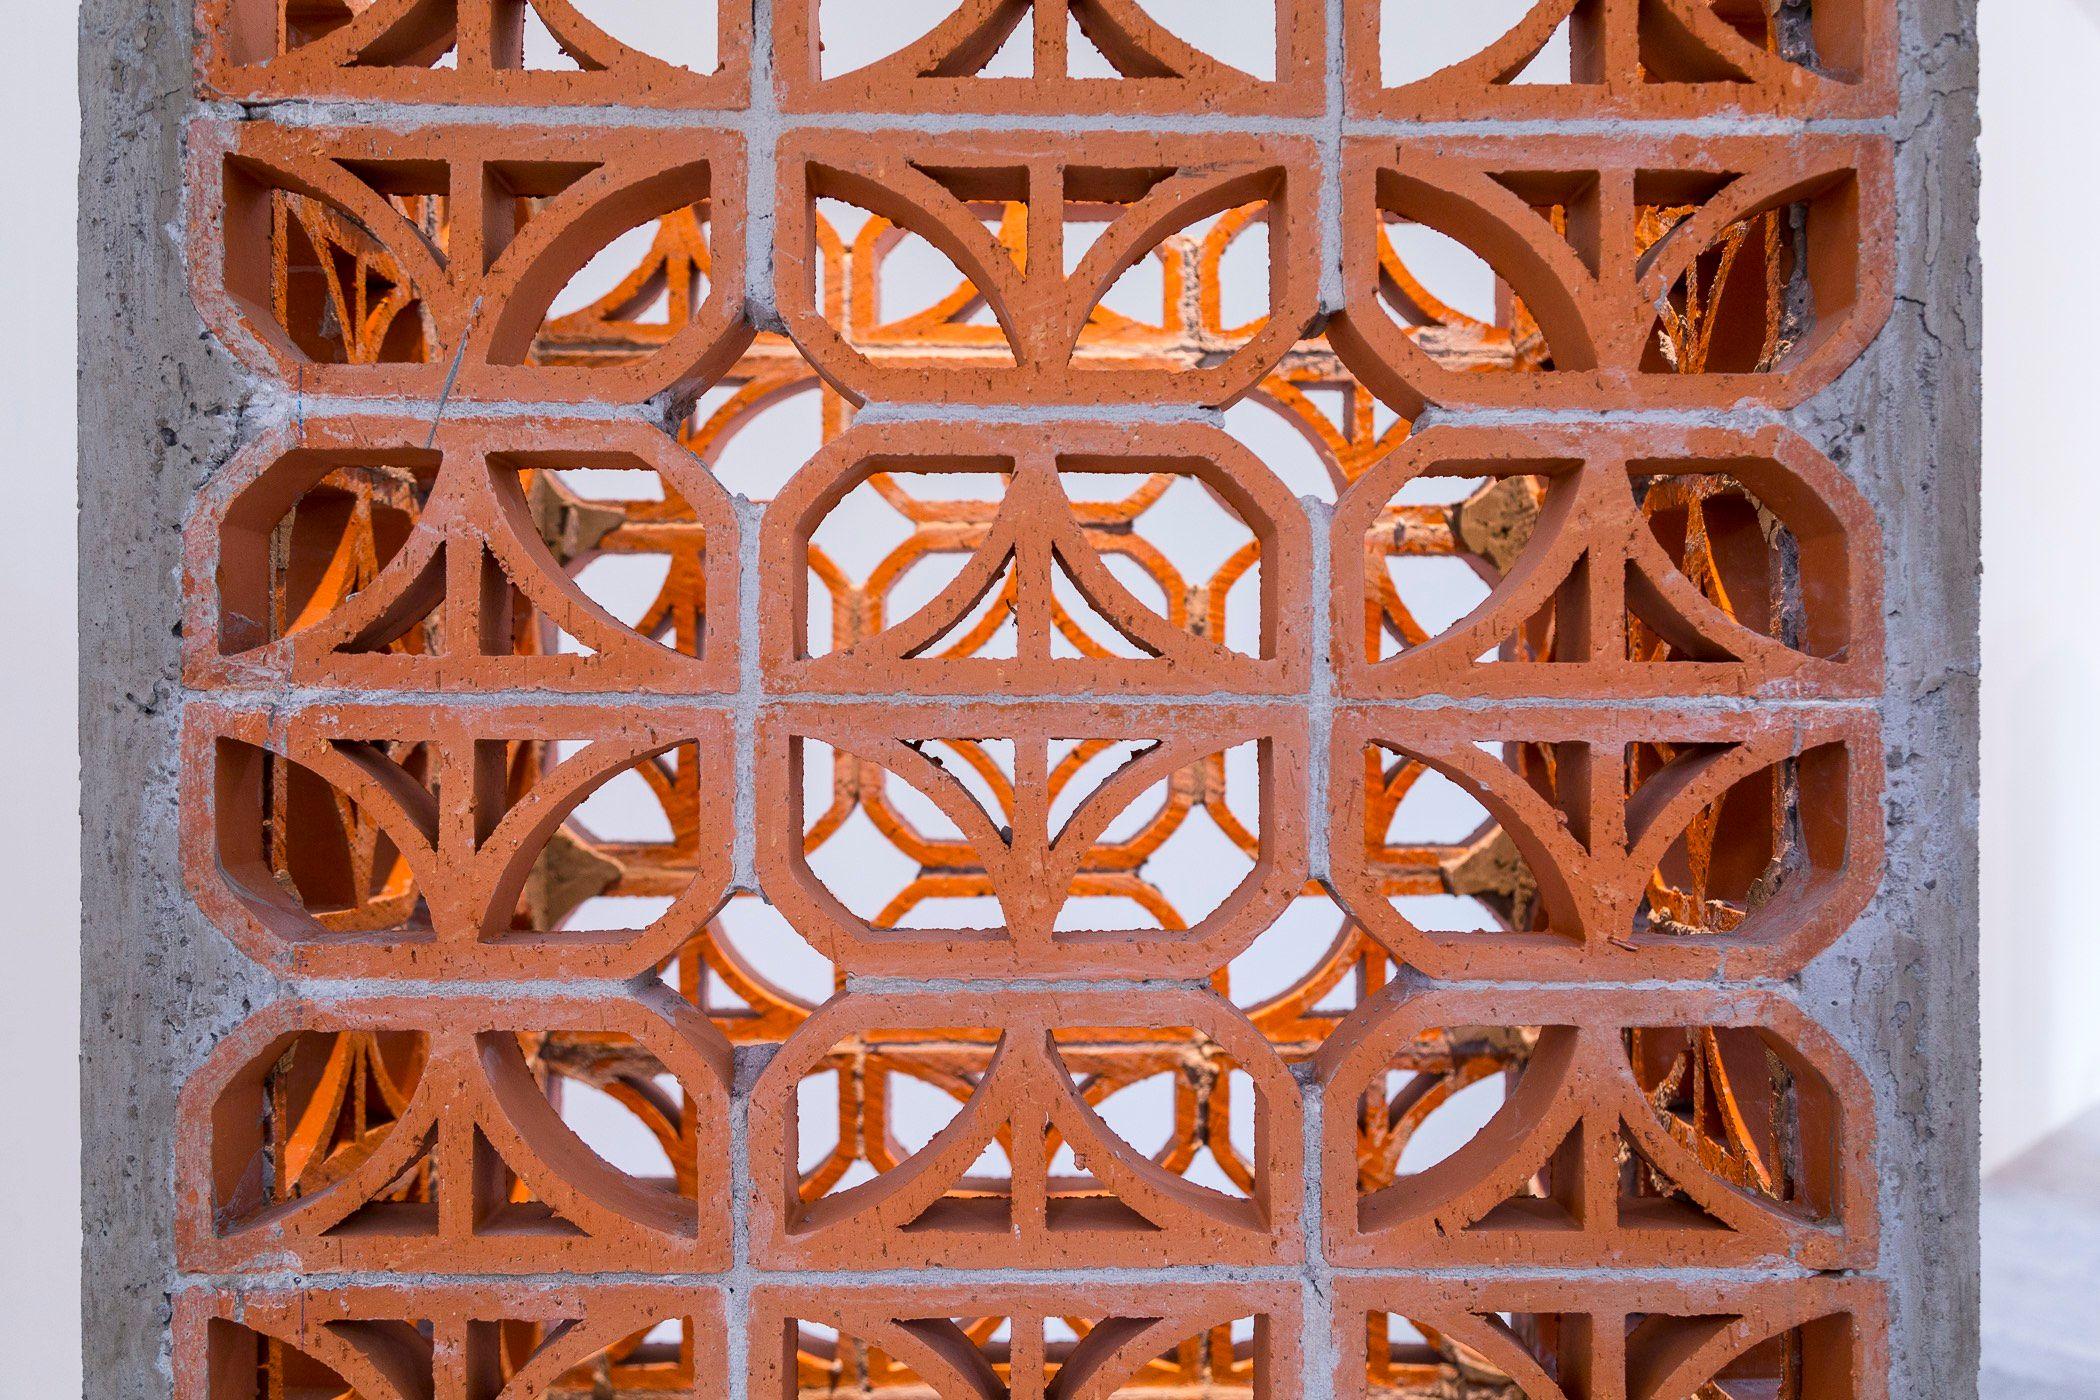 Torre C3 (Celosía clave 3)   Detalle  Cemento, arena, alambrón, alambre, celosía, triciclo de venta    101 x 80 x 350 cm   2013